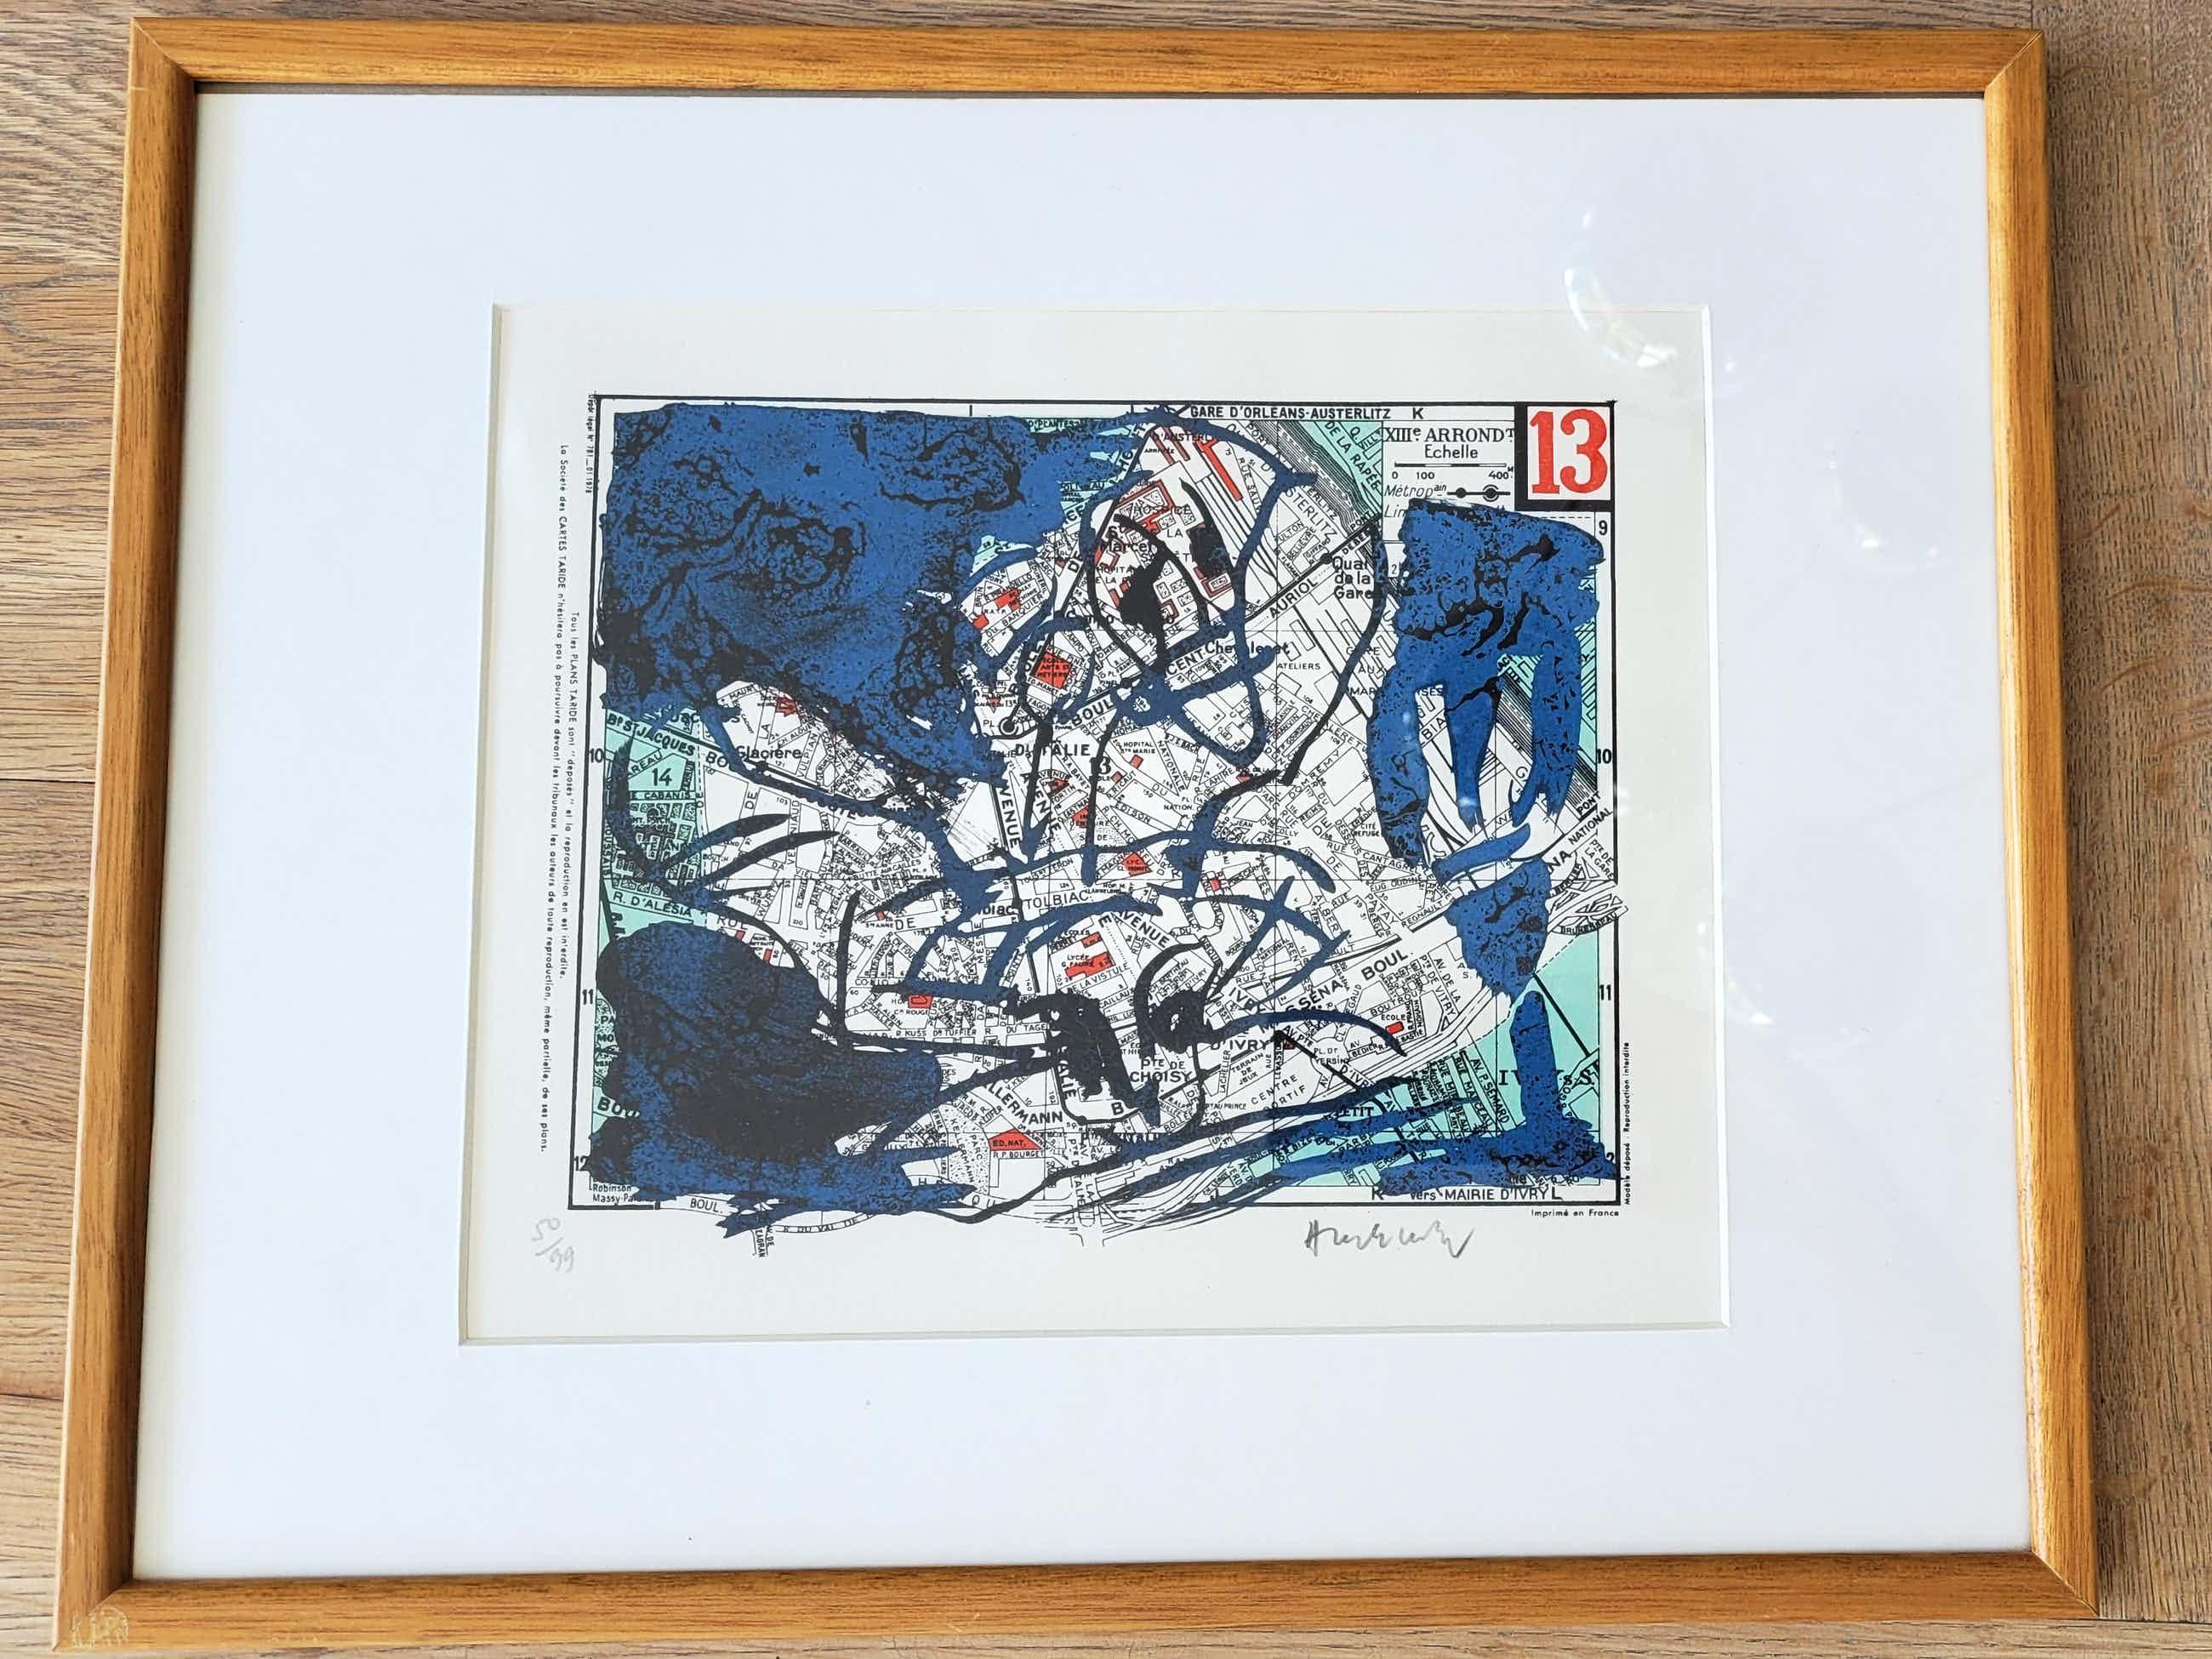 Pierre Alechinsky - Paris, Arrondissement 13 - ingelijste litho - 1983 - oplage 99 kopen? Bied vanaf 620!